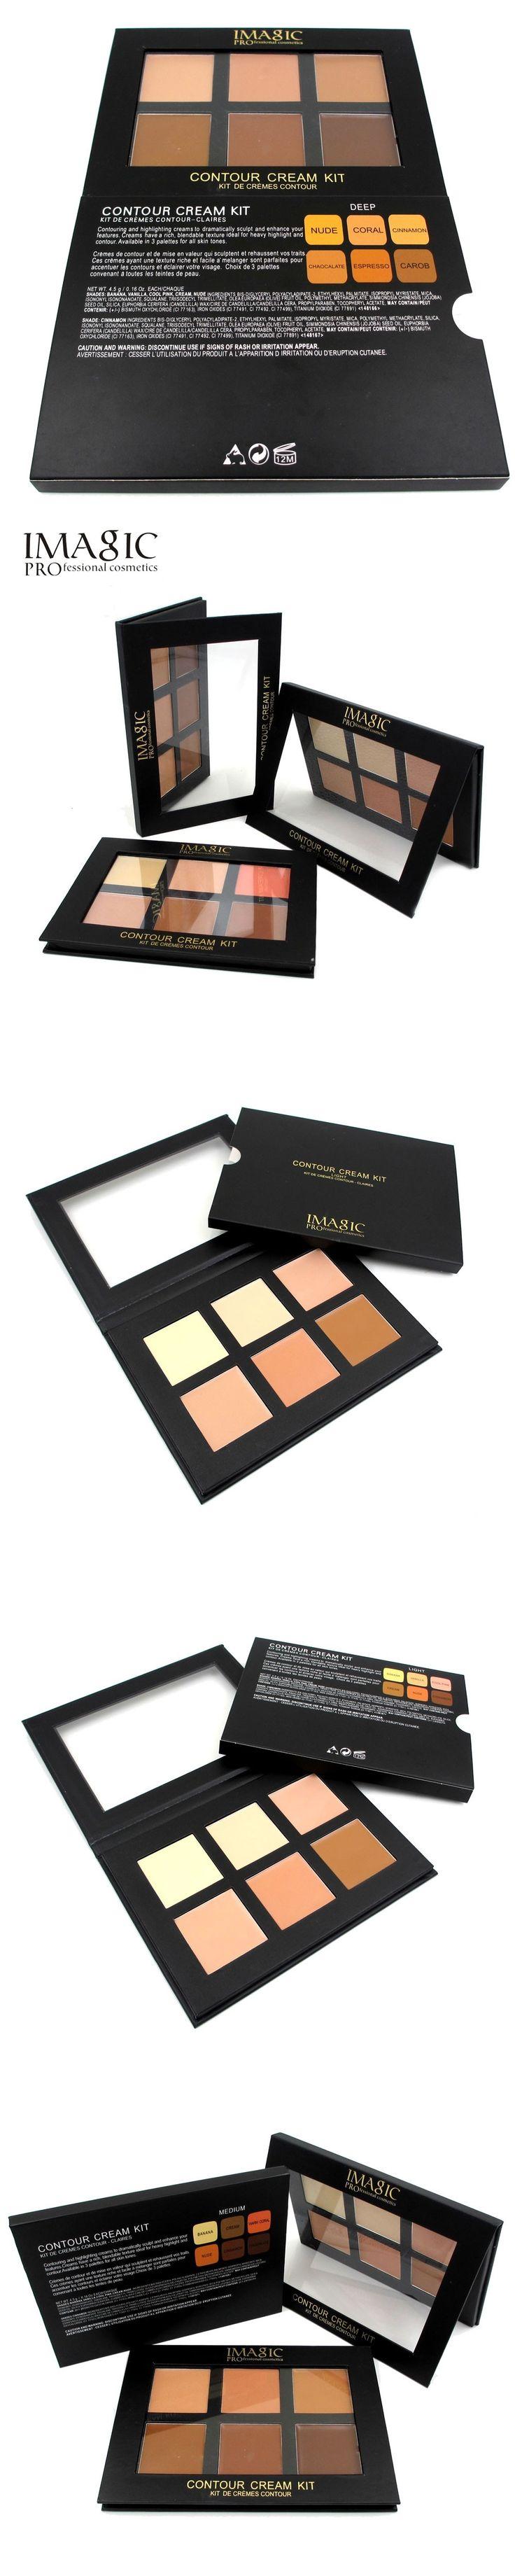 Professional Cream Contour Palette Concealer Palette Contouring Makeup Cosmetic Facial Care Cream Palette  Cottect